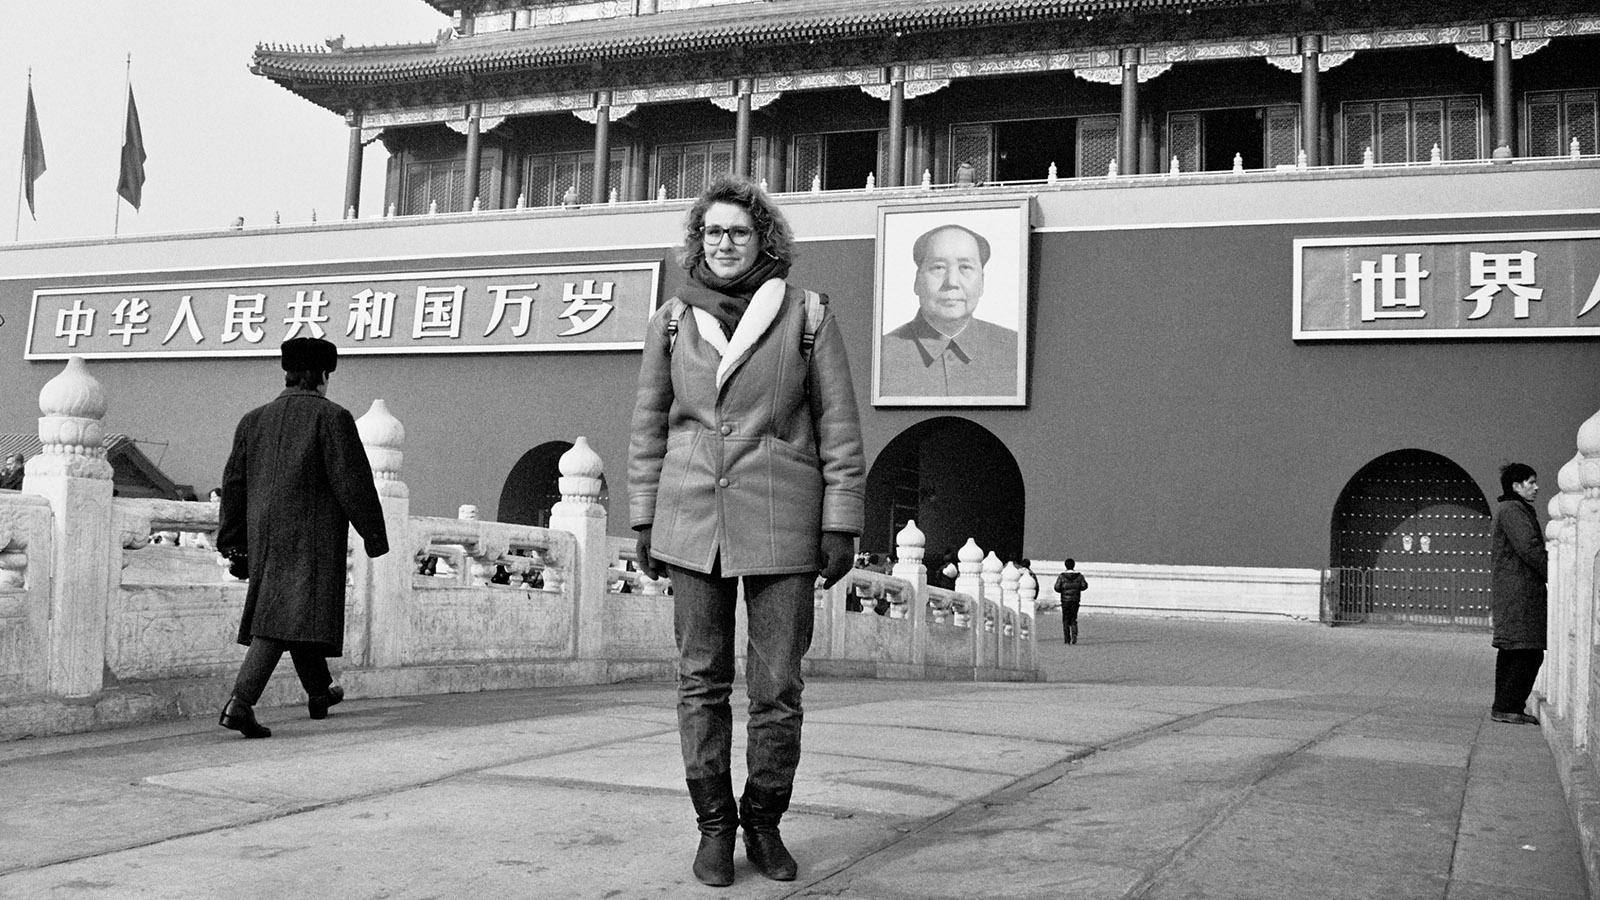 Peking, 8.1.1991: Wegen der Kälte hat mir eine befreundete Kollegin ihre Lammfelljacke geliehen. Foto: Hilke Maunder